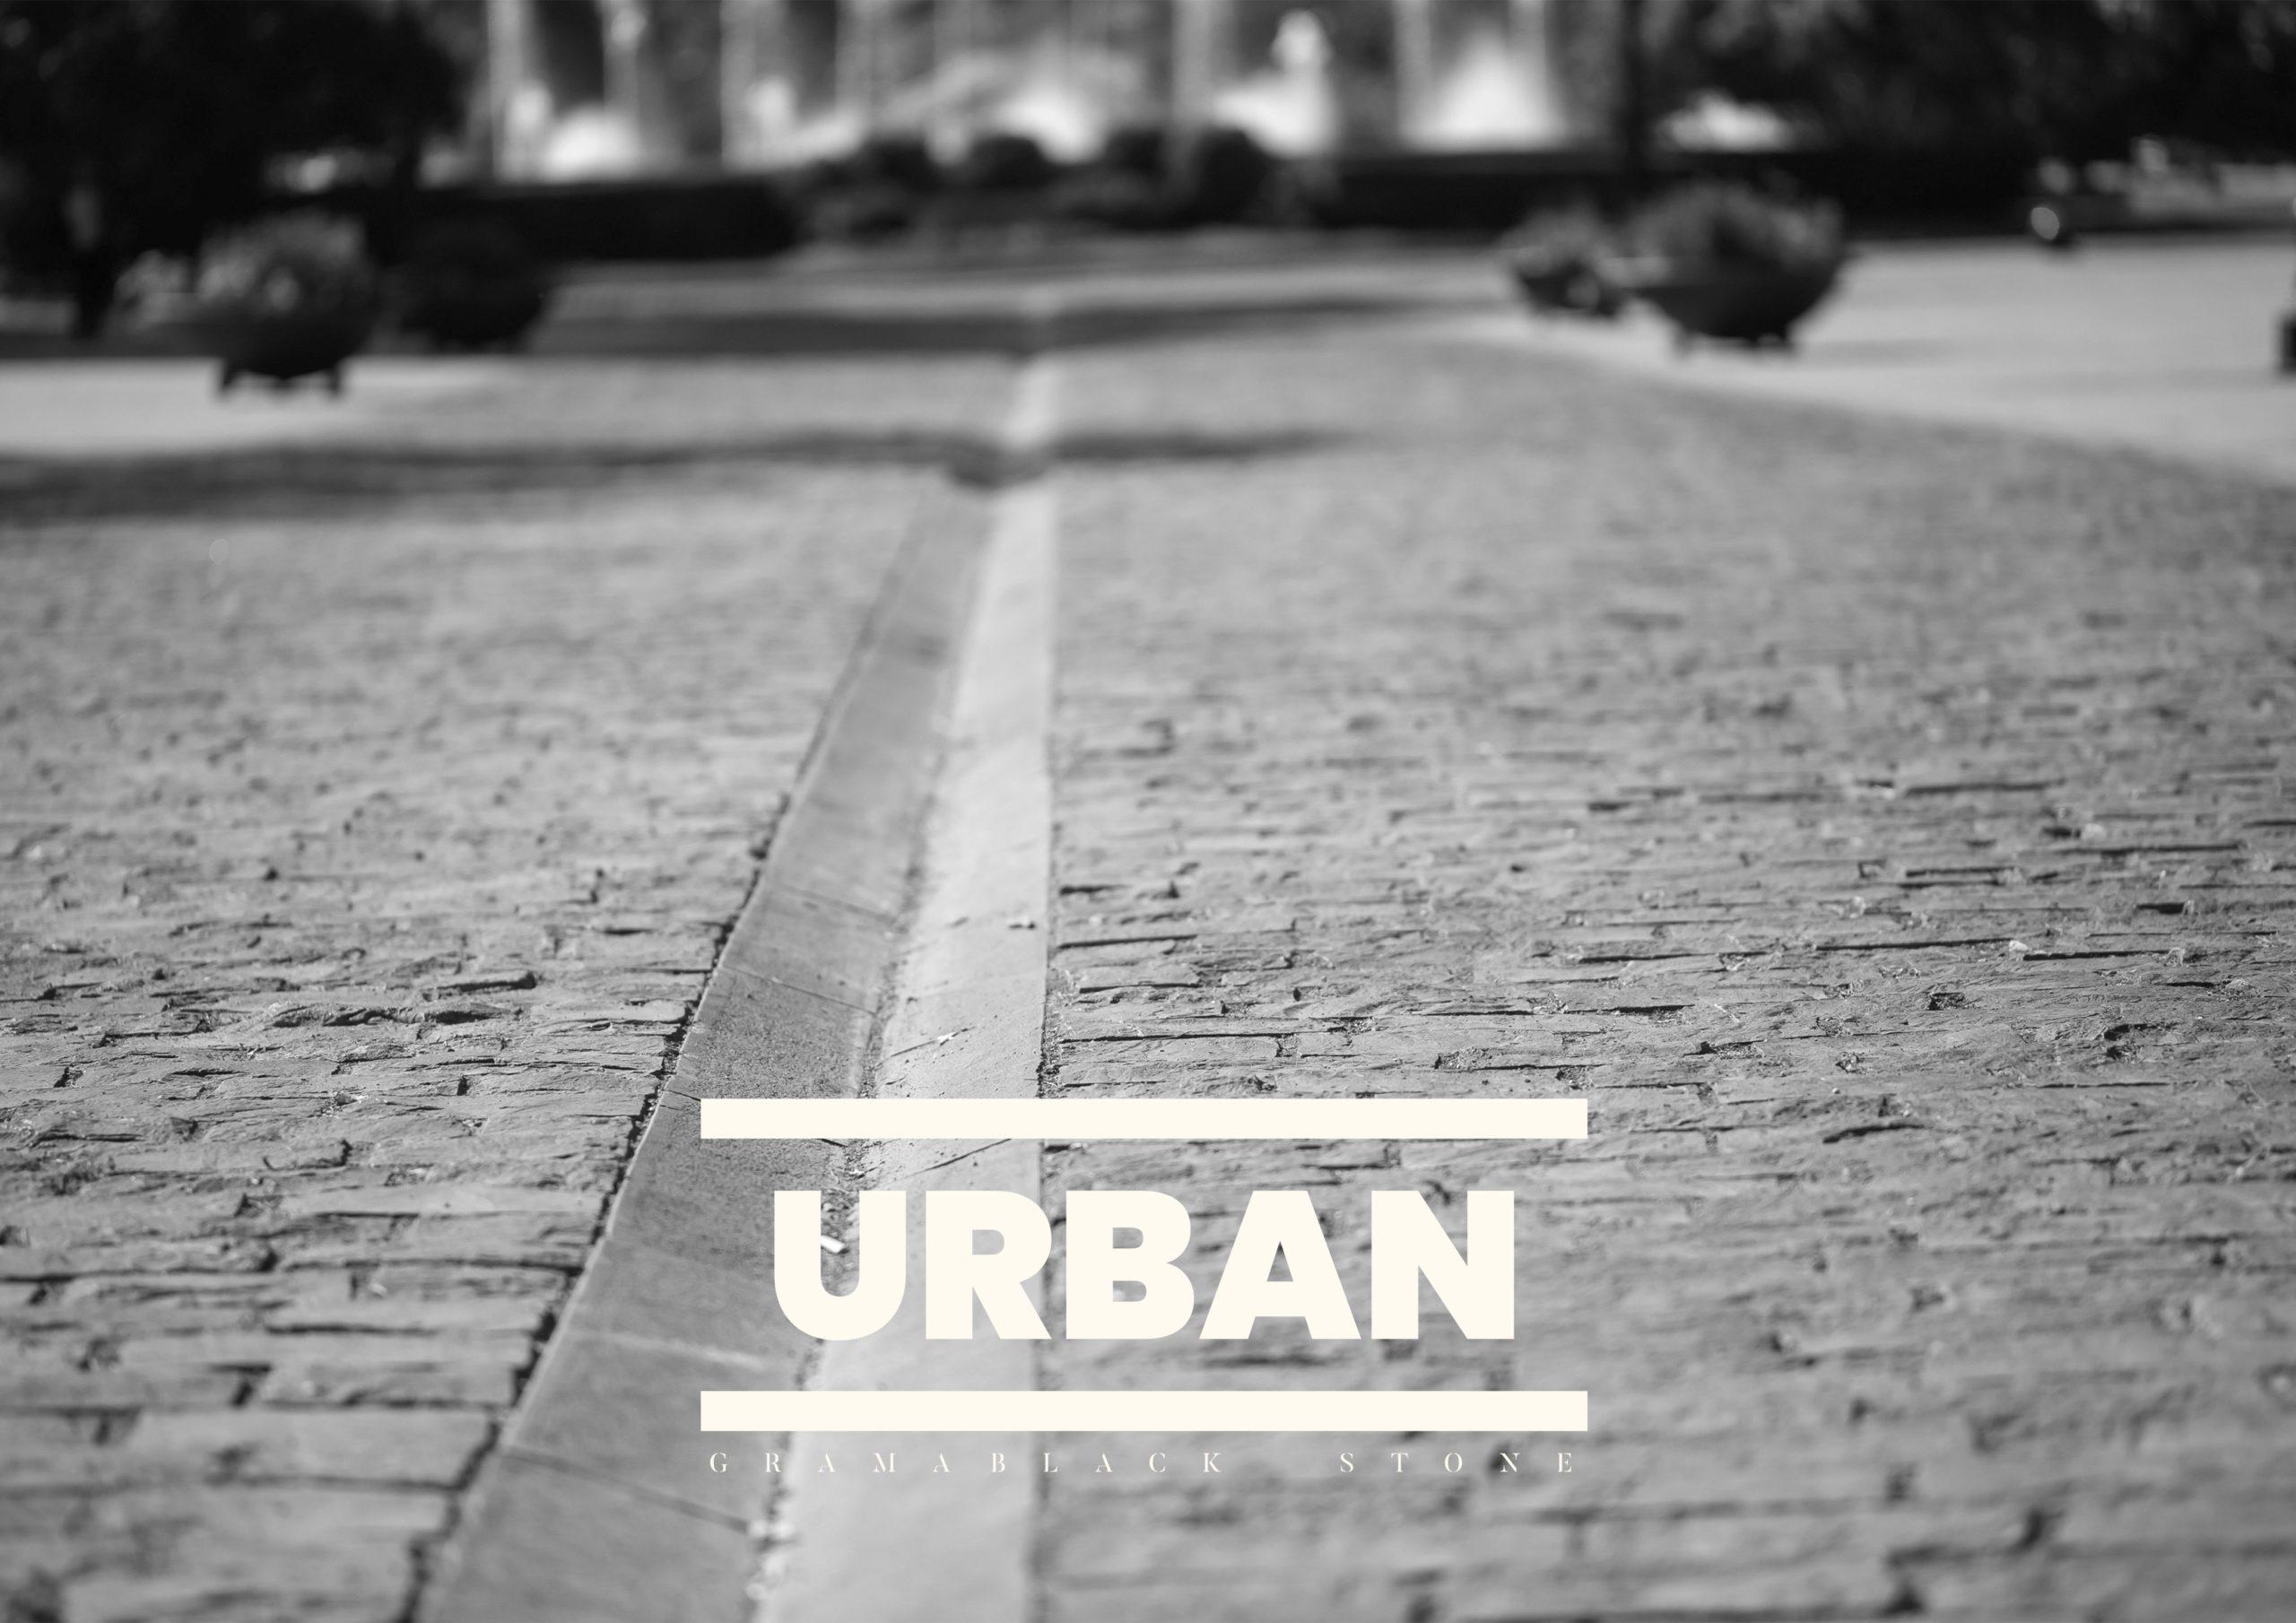 Nuestra Serie Urban en Gramablack